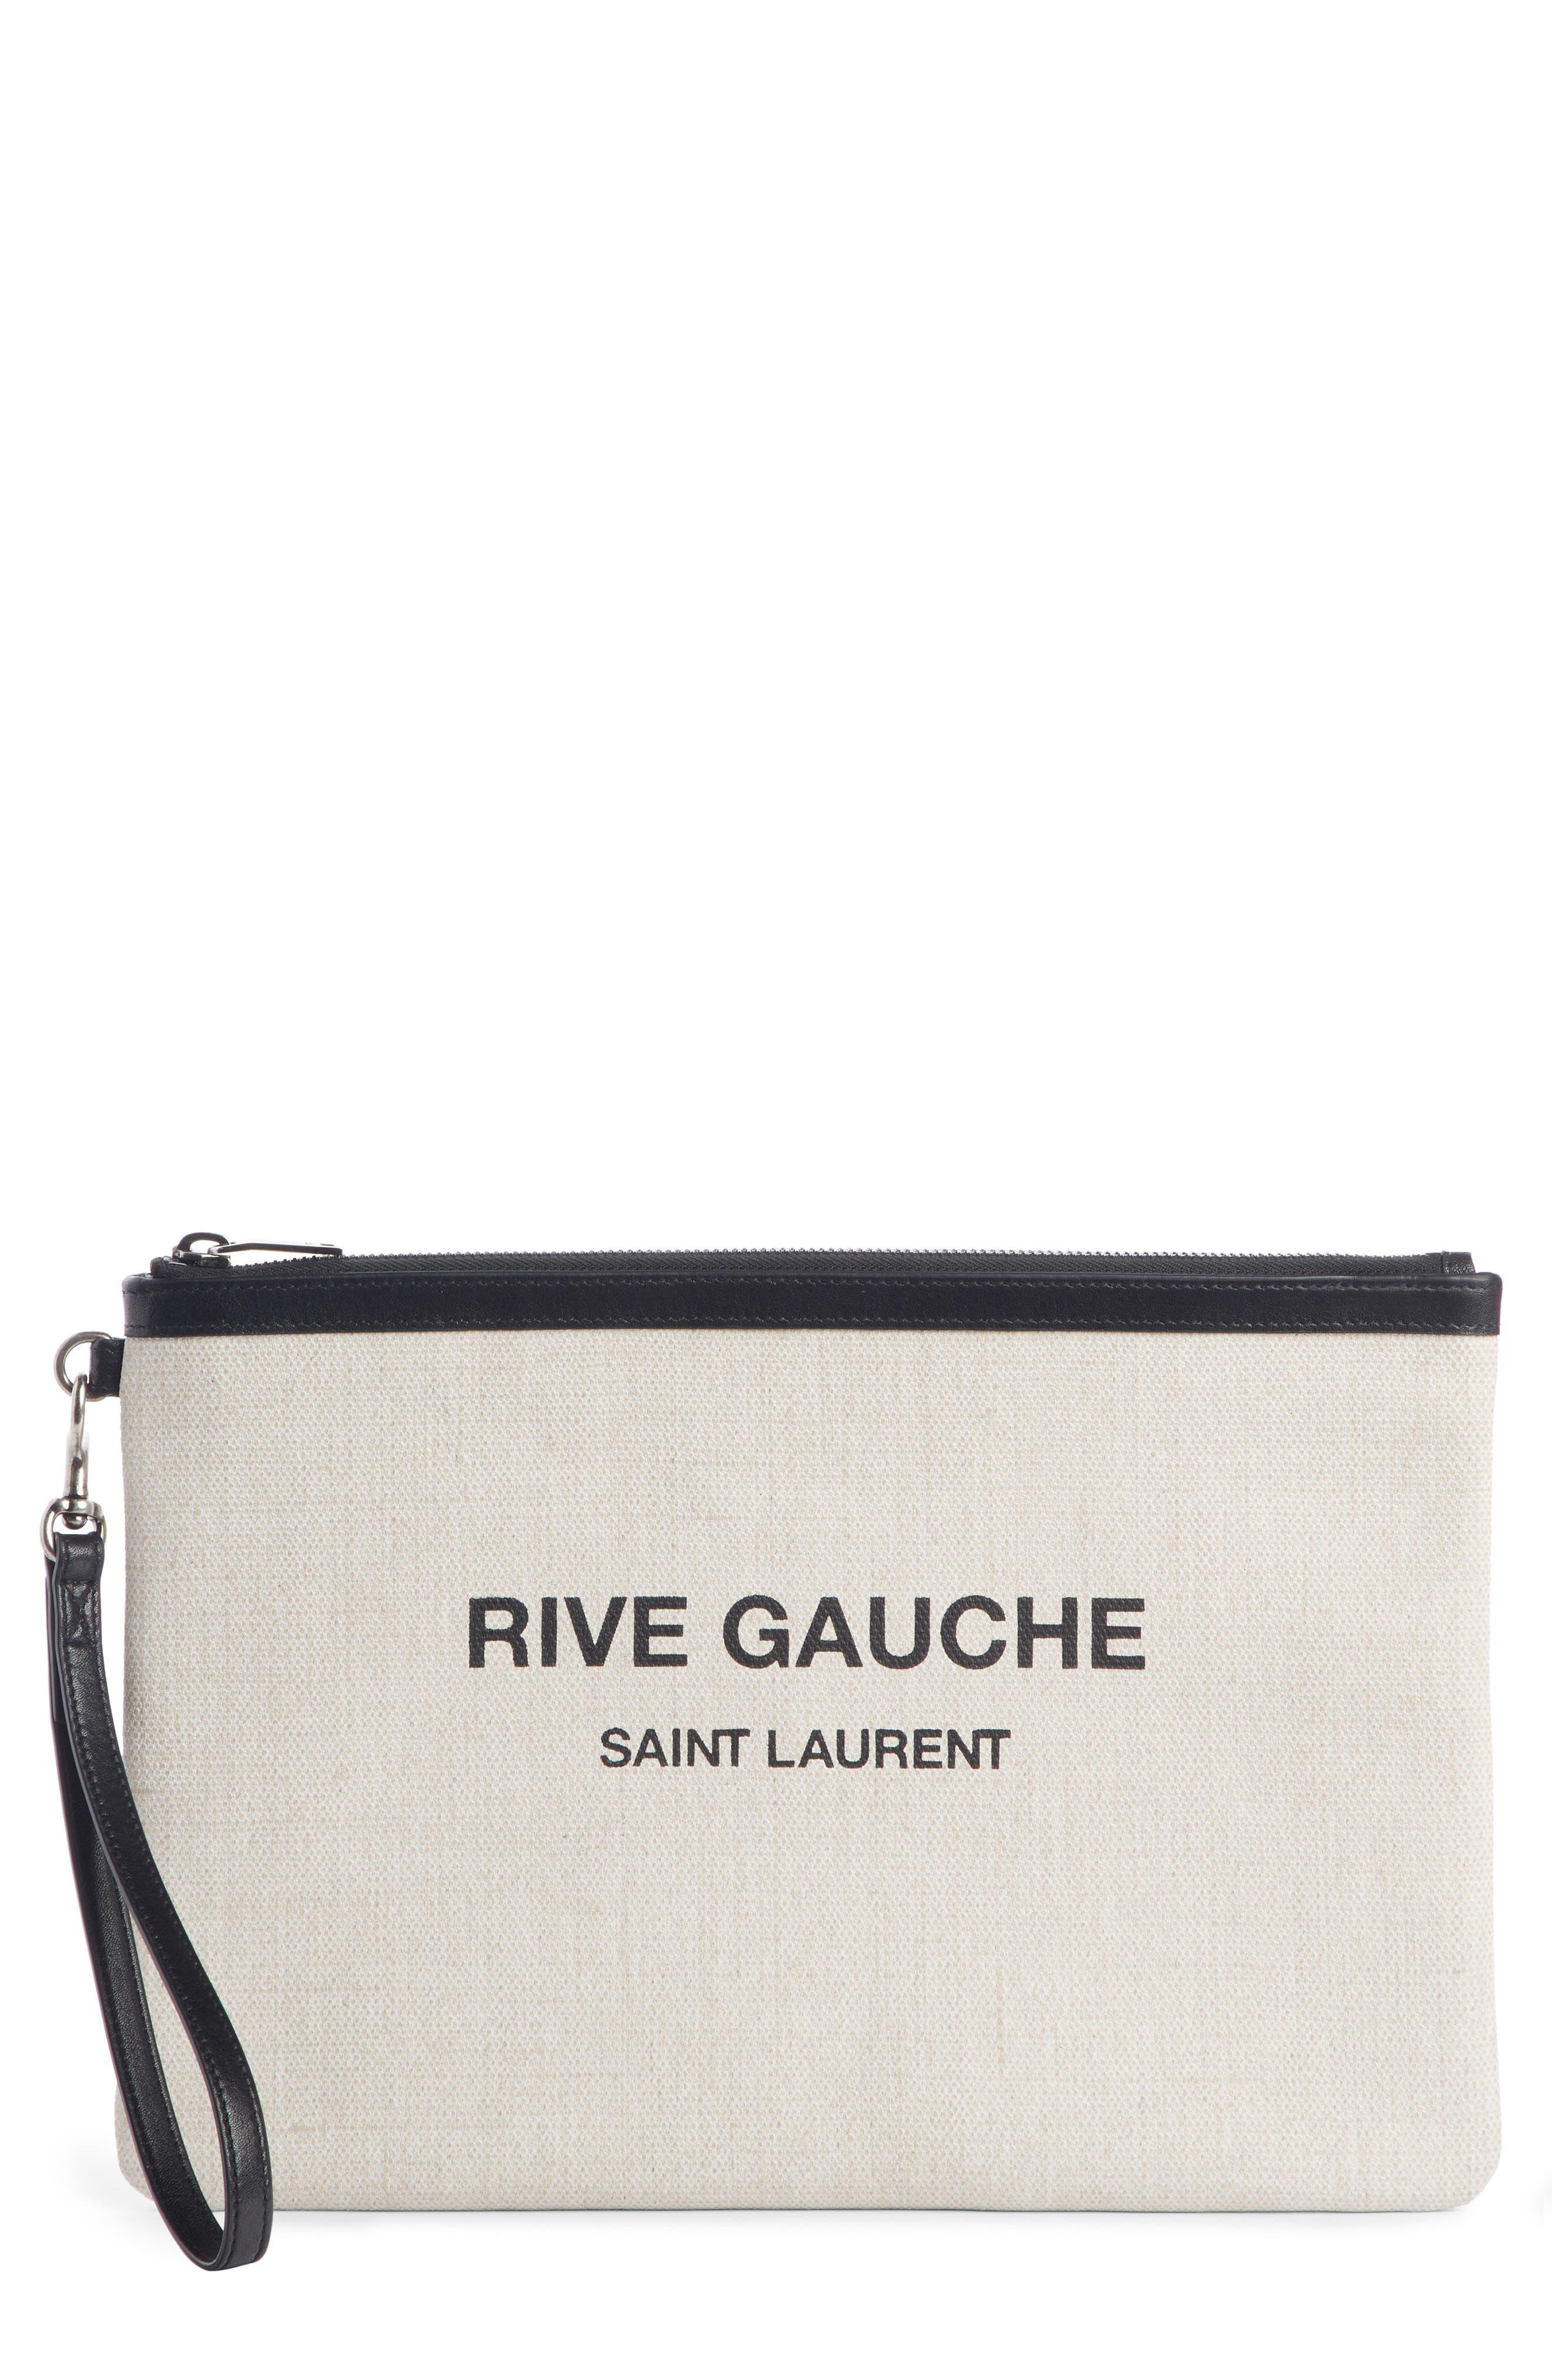 SAINT LAURENT Rive Gauche Canvas Pouch, Main, color, LINO BIANCO/ NERO